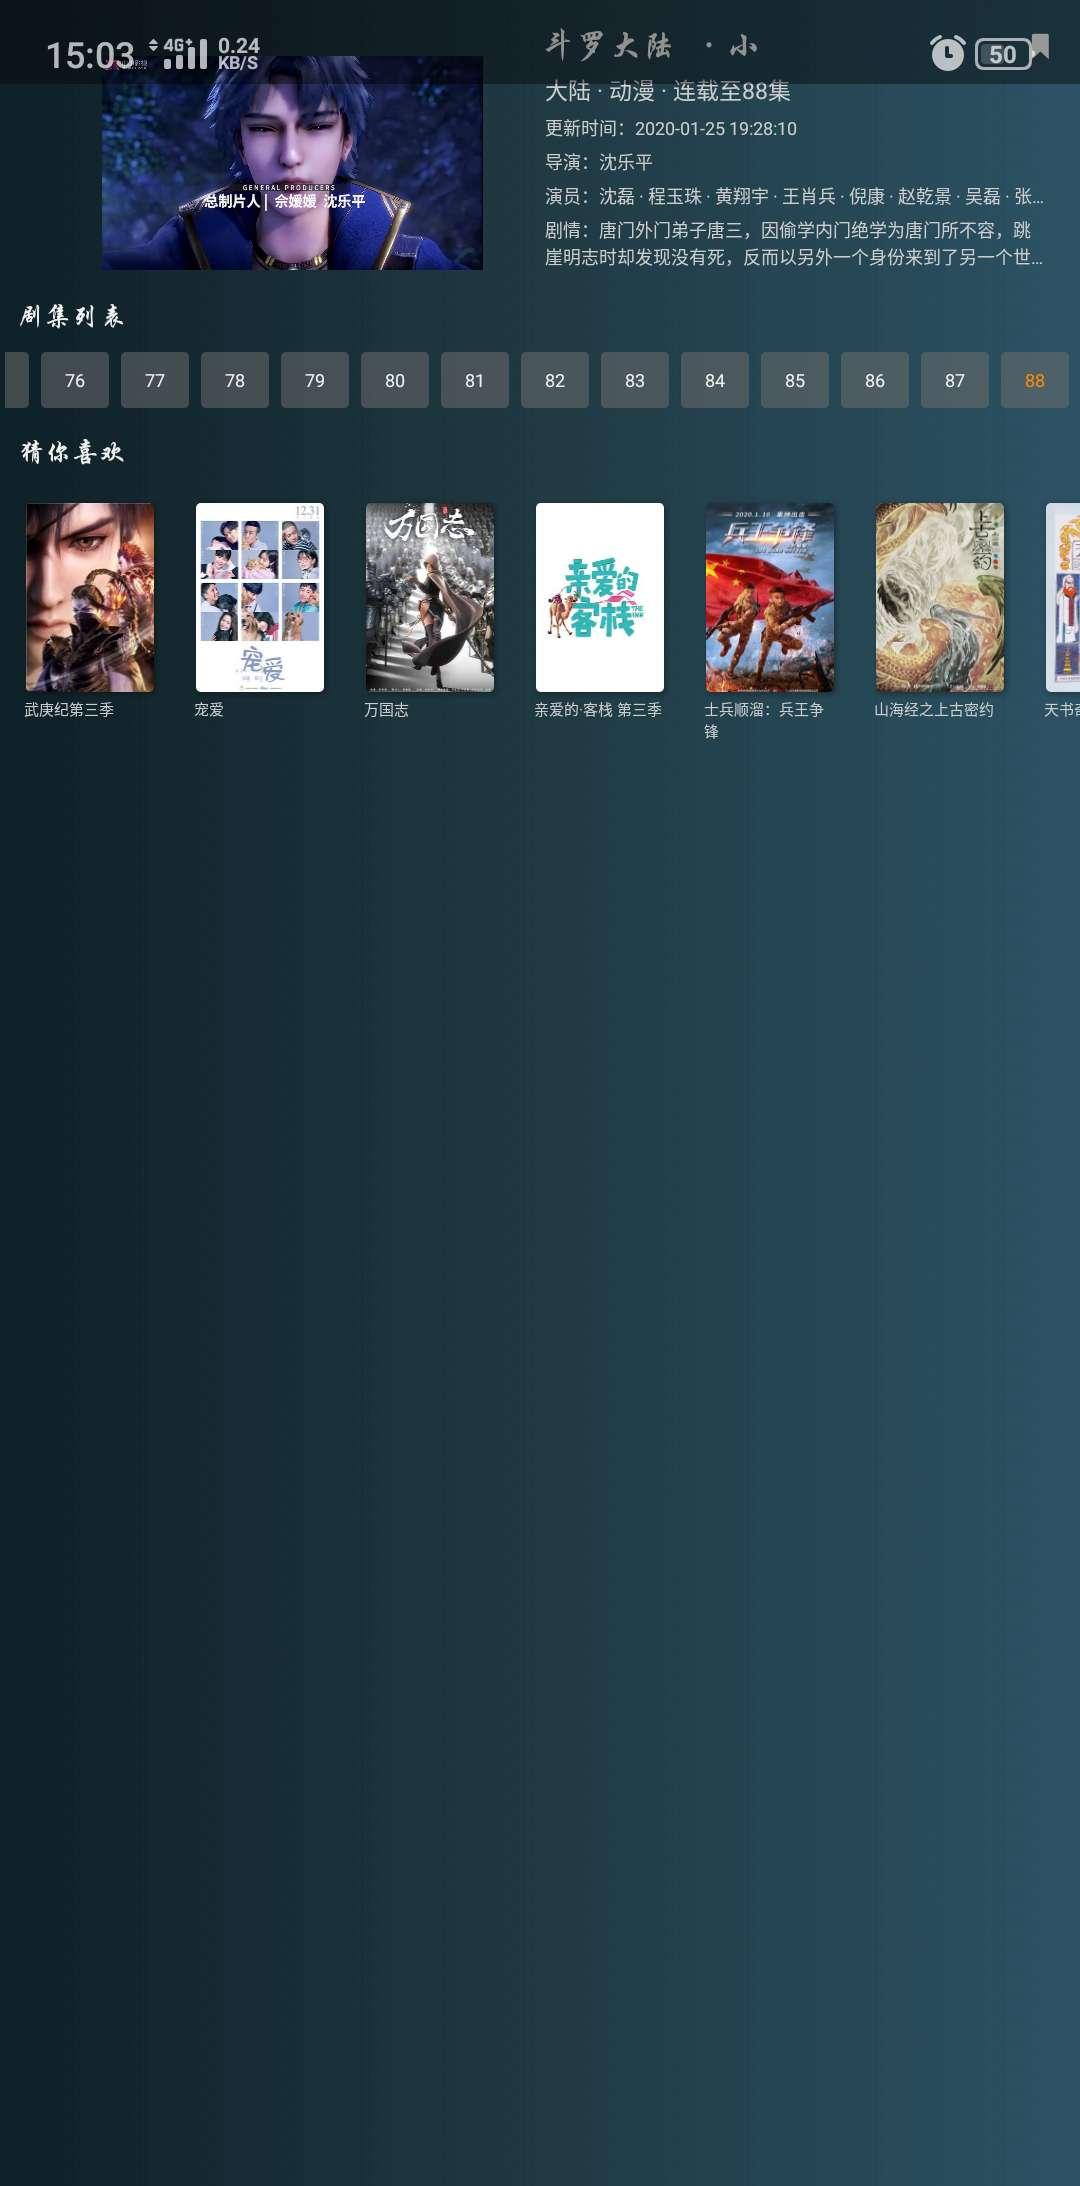 【分享】小南TV v1.1.5盒子版/秒播放/不卡顿/已测试-爱小助